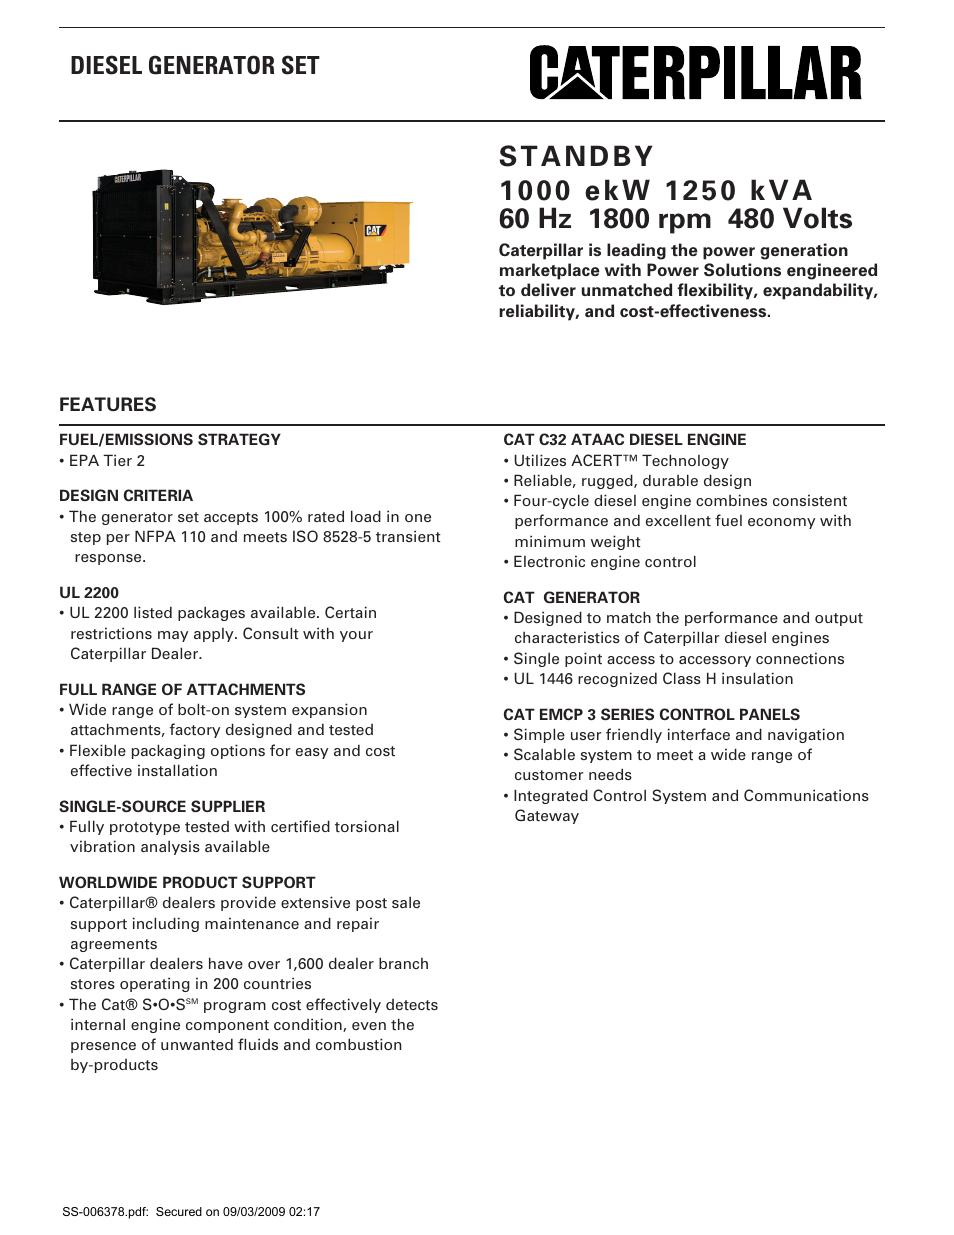 Milton CAT C32 1000 kW 1250 kVA 60 Hz 1800 rpm 480 Volts Spec Sheet